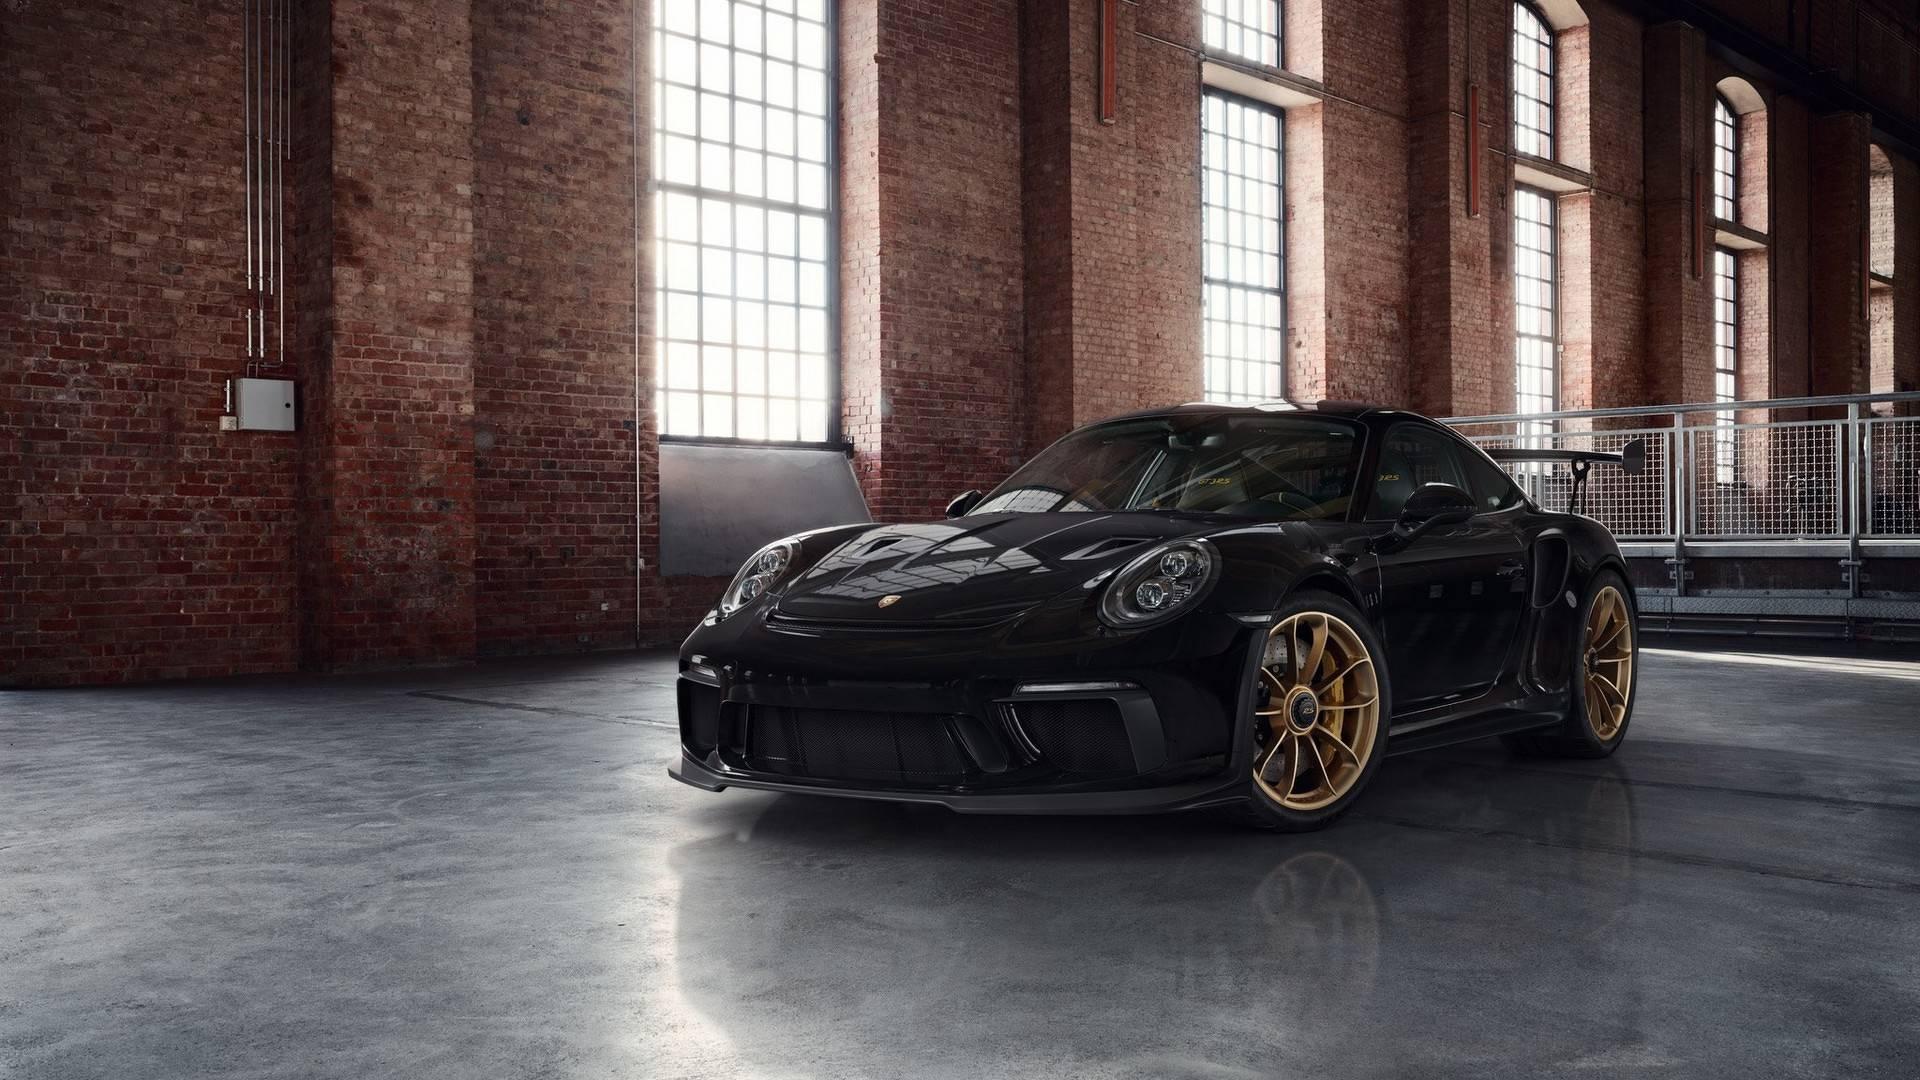 Porsche 911 GT3 u magično lepom izdanju (FOTO)